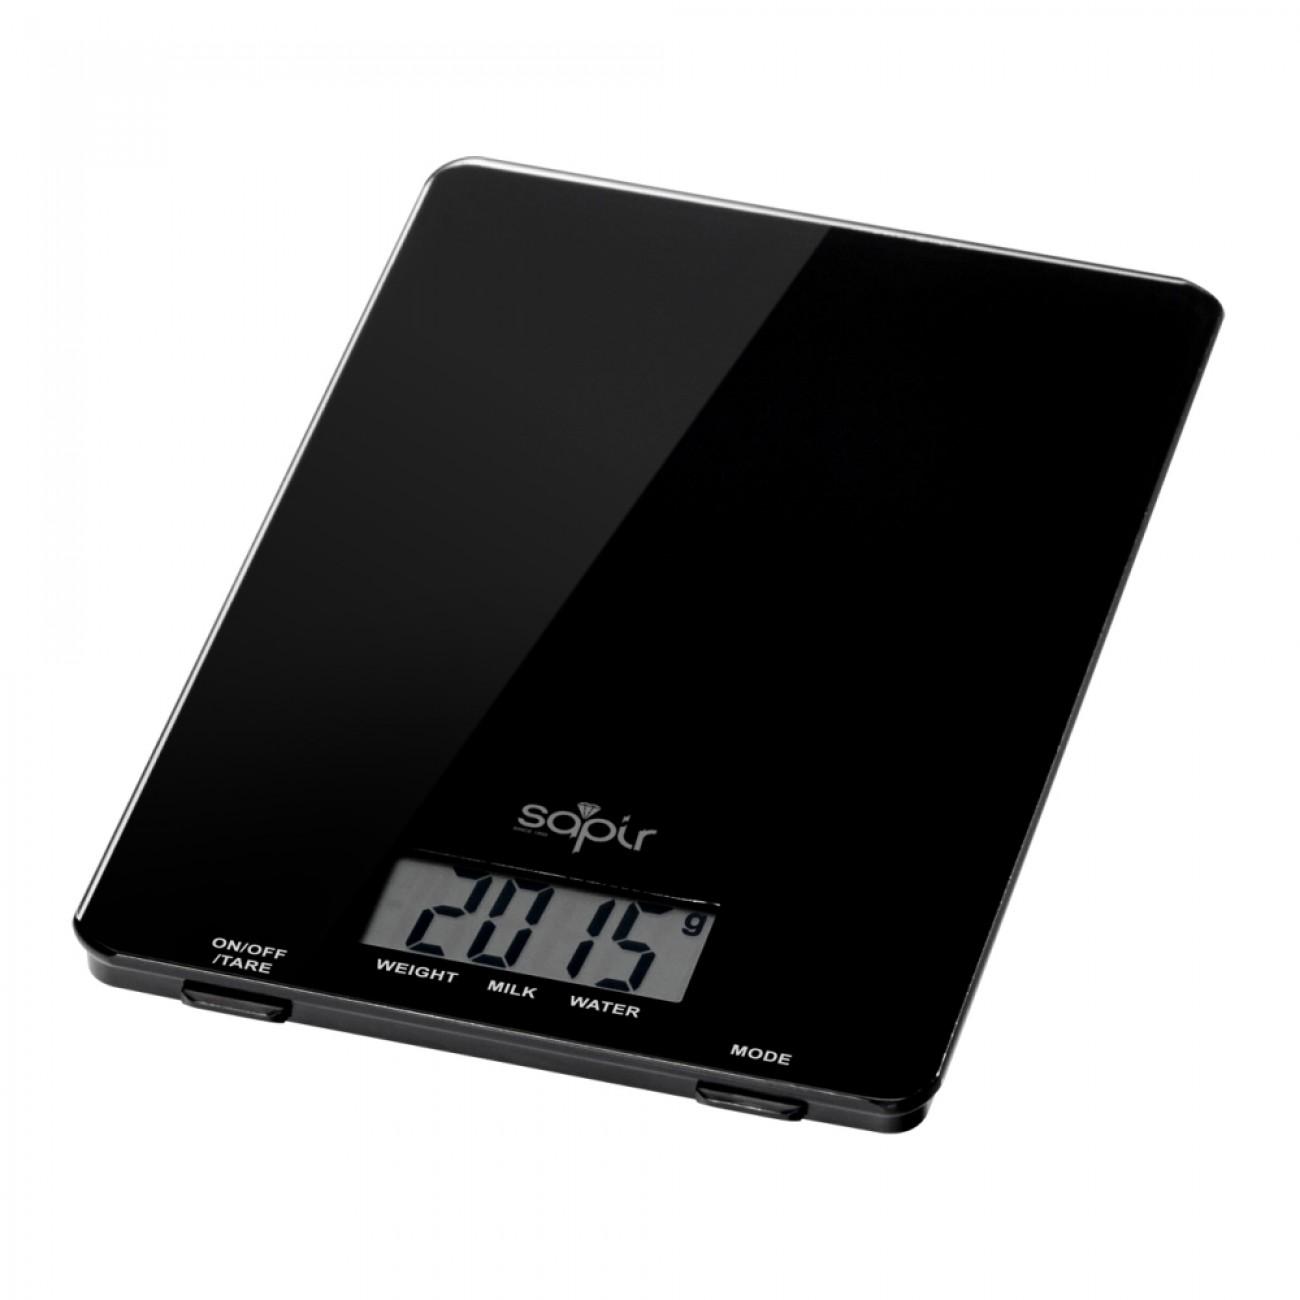 Кухненска дигитална везна SAPIR SP 1651 J, 5 кг, LCD екран, Включена батерия, Черен в Кухненски везни - SAPIR | Alleop